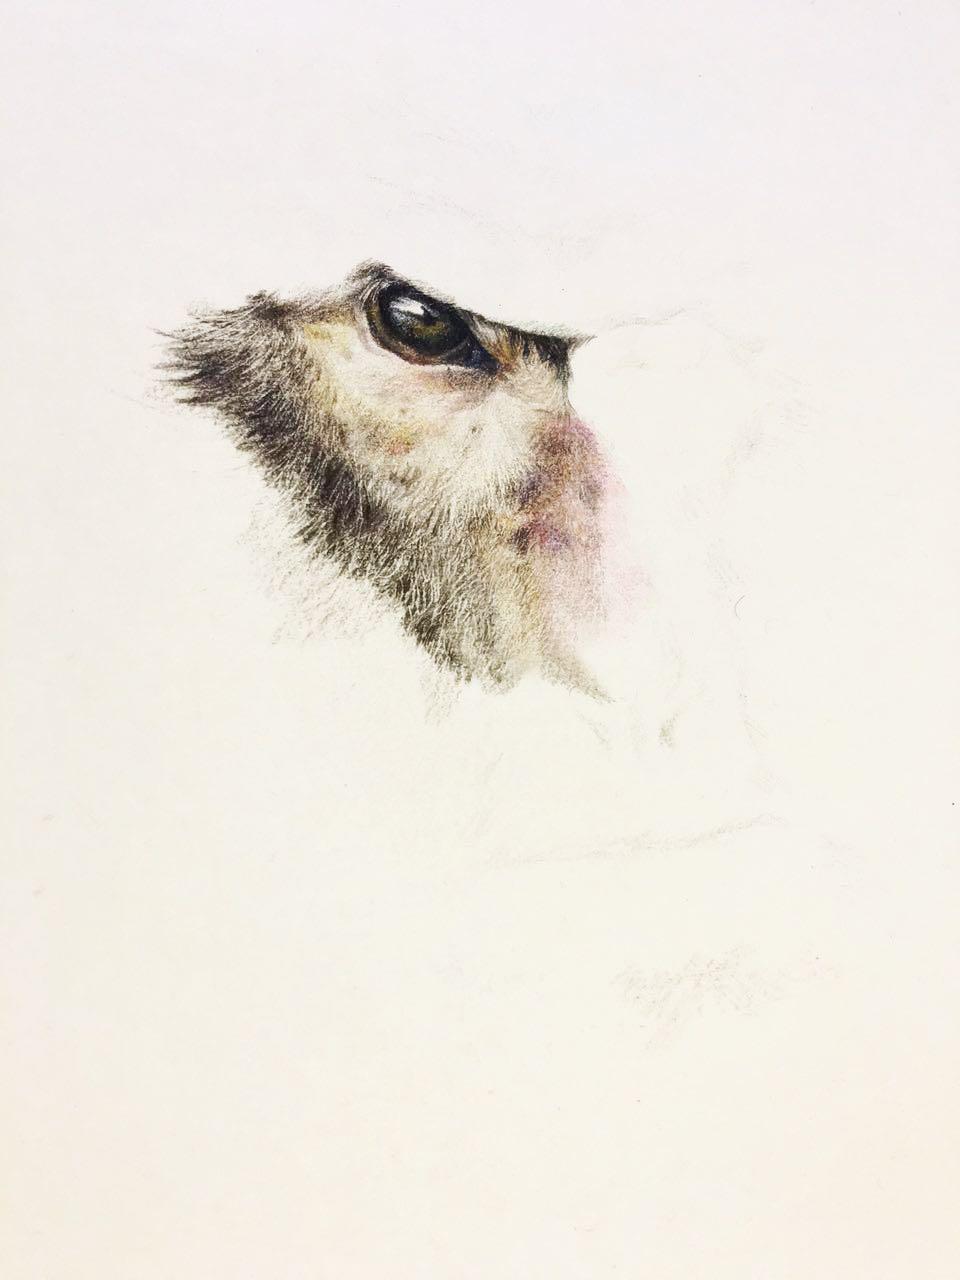 彩铅手绘猴子